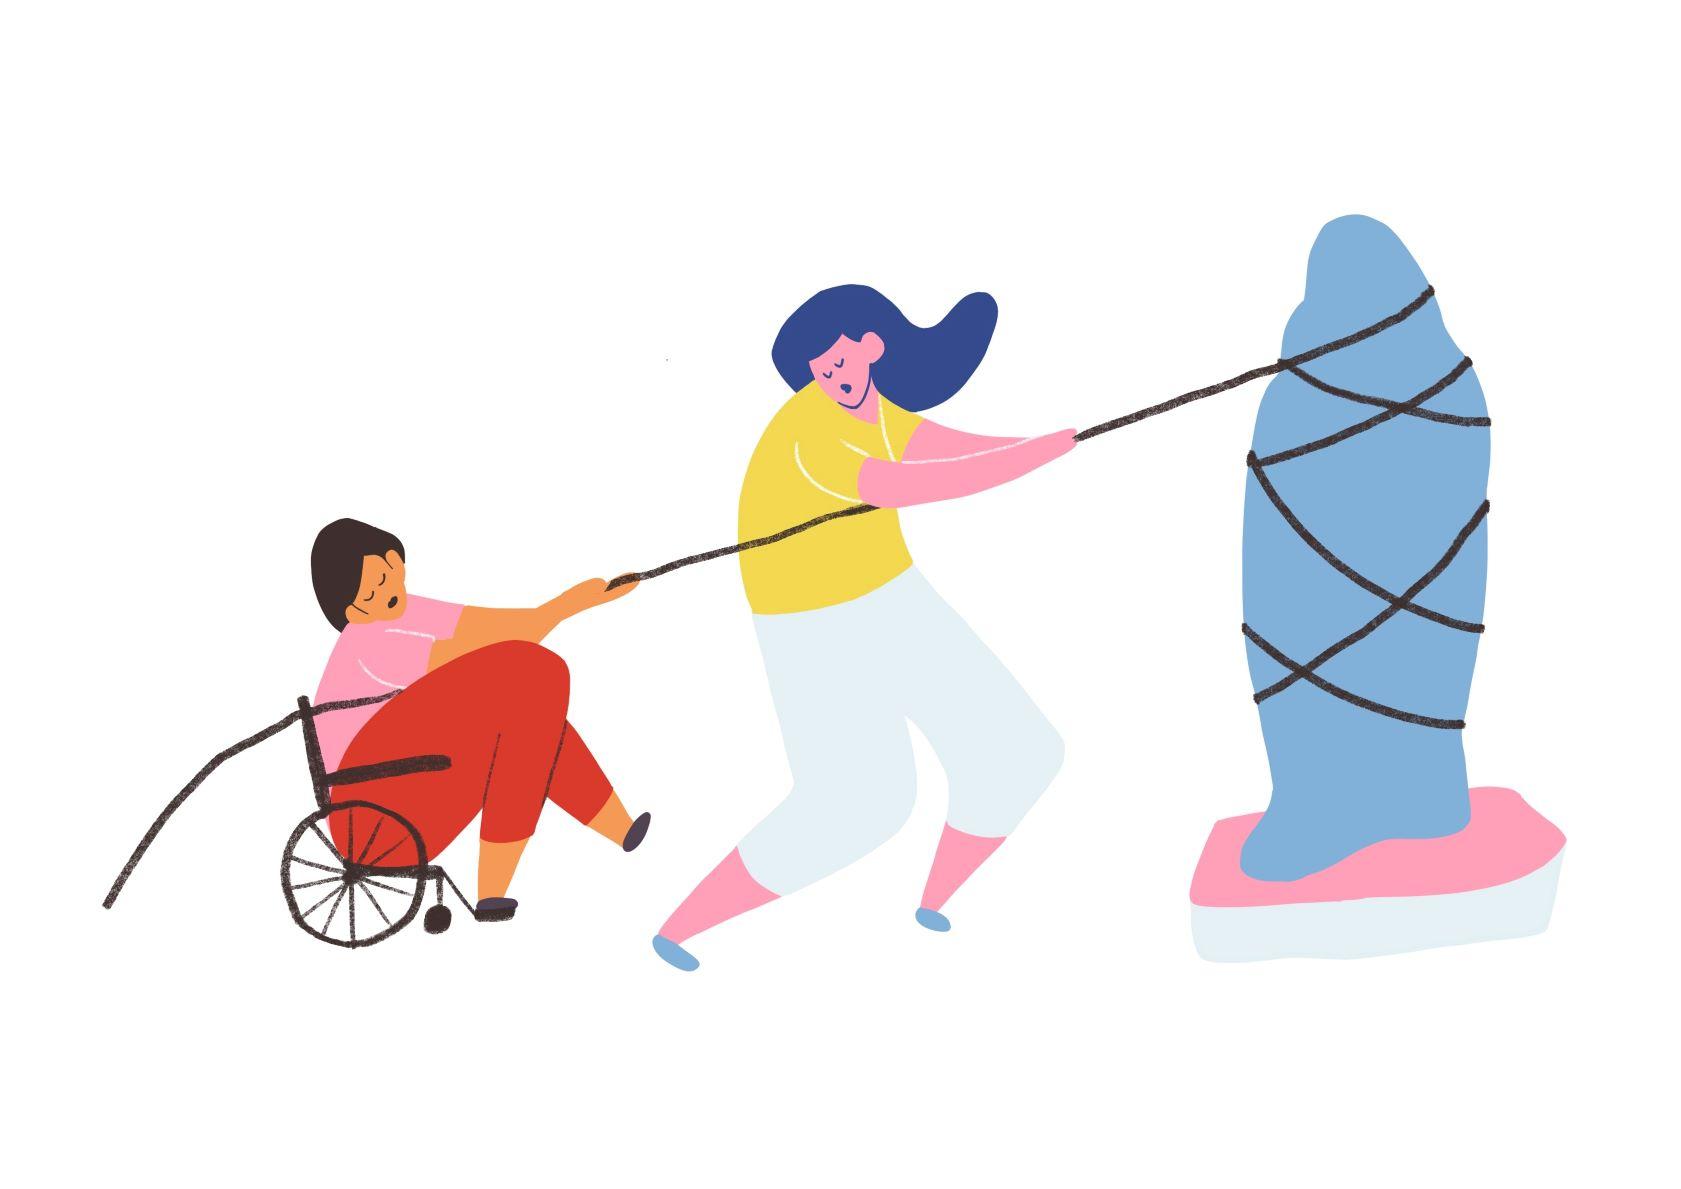 Illustration aus dem Reader Grundbegriffe für kulturelle Bildung Kapitel Partizipation und Barrierefreiheit